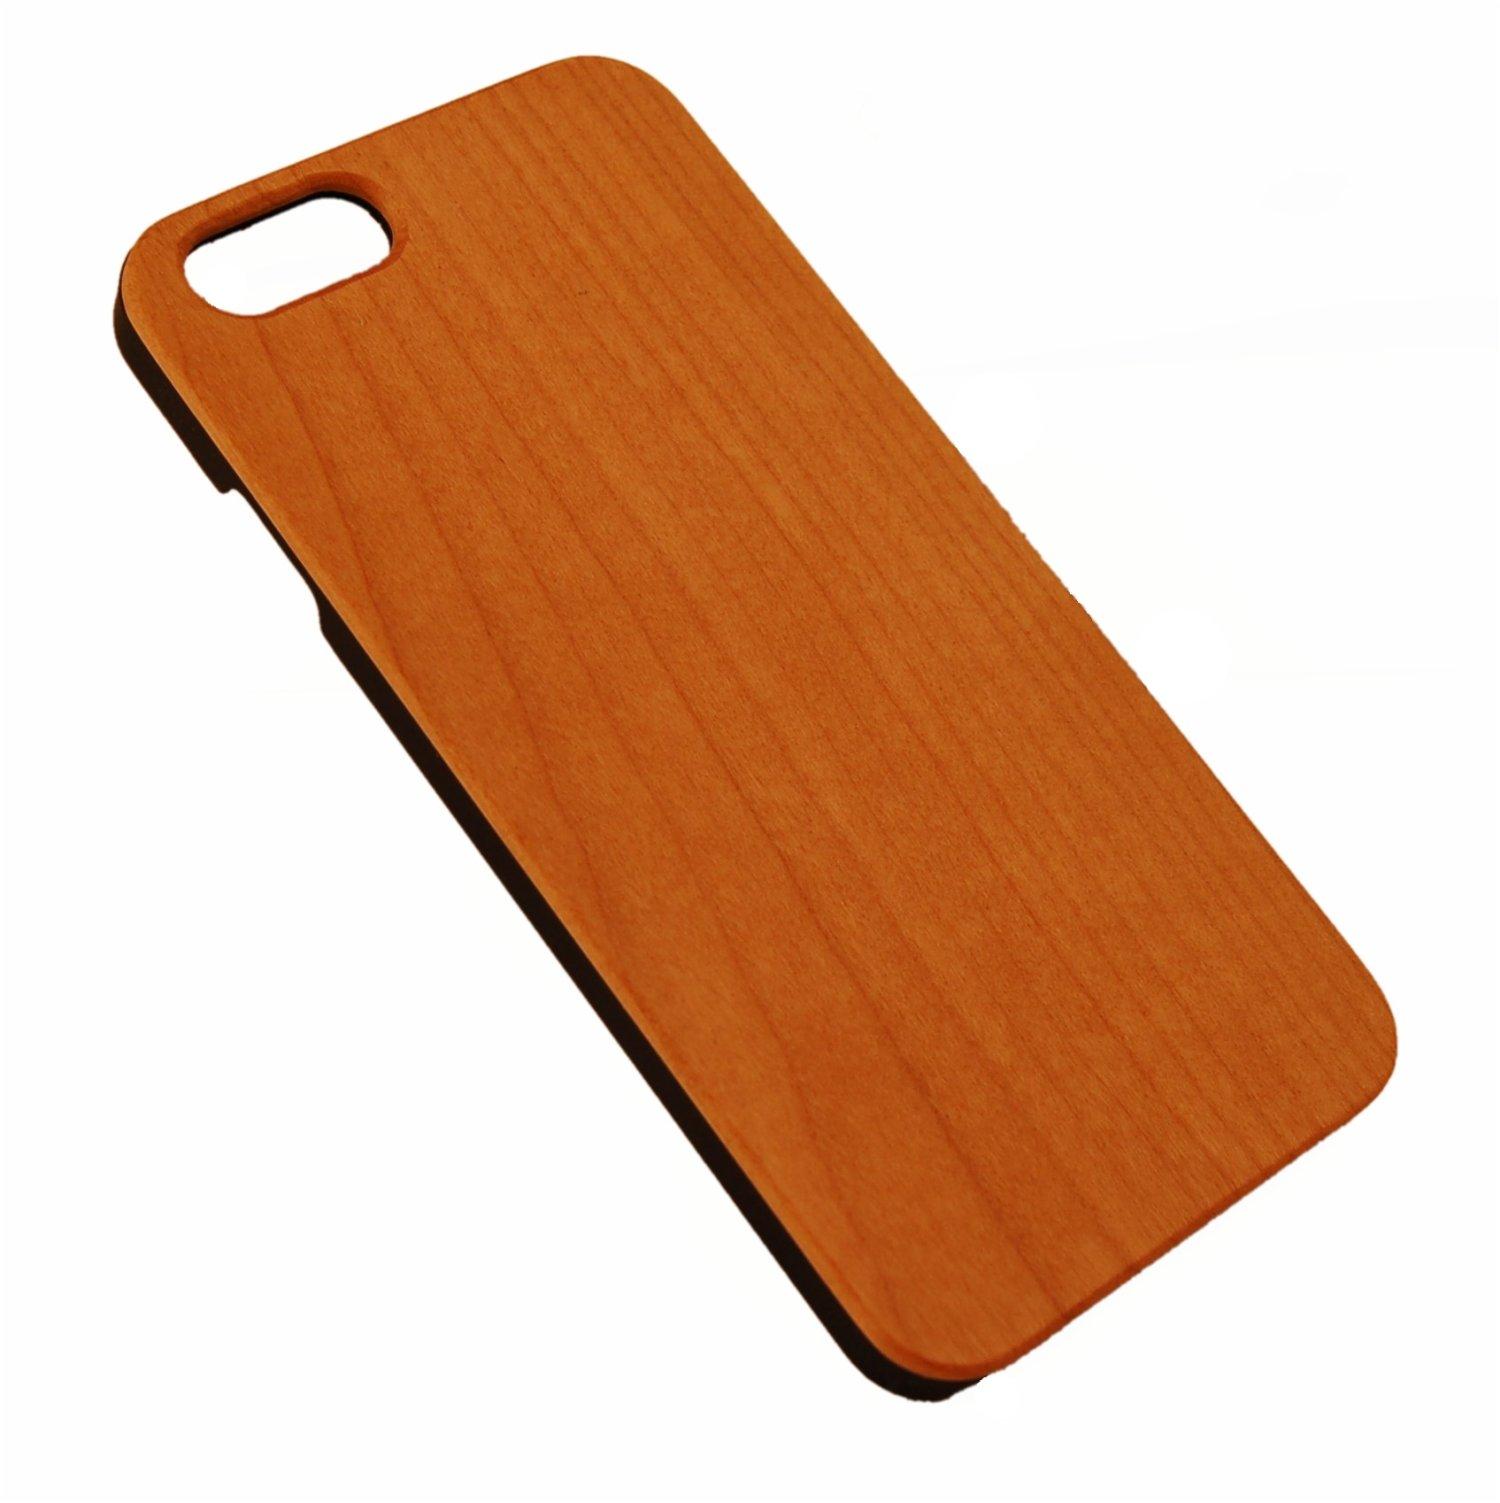 Holz Fichtner edles für iphone 6 aus kirschbaum holz fichtner aktenkoffer handtaschen und mehr aus holz